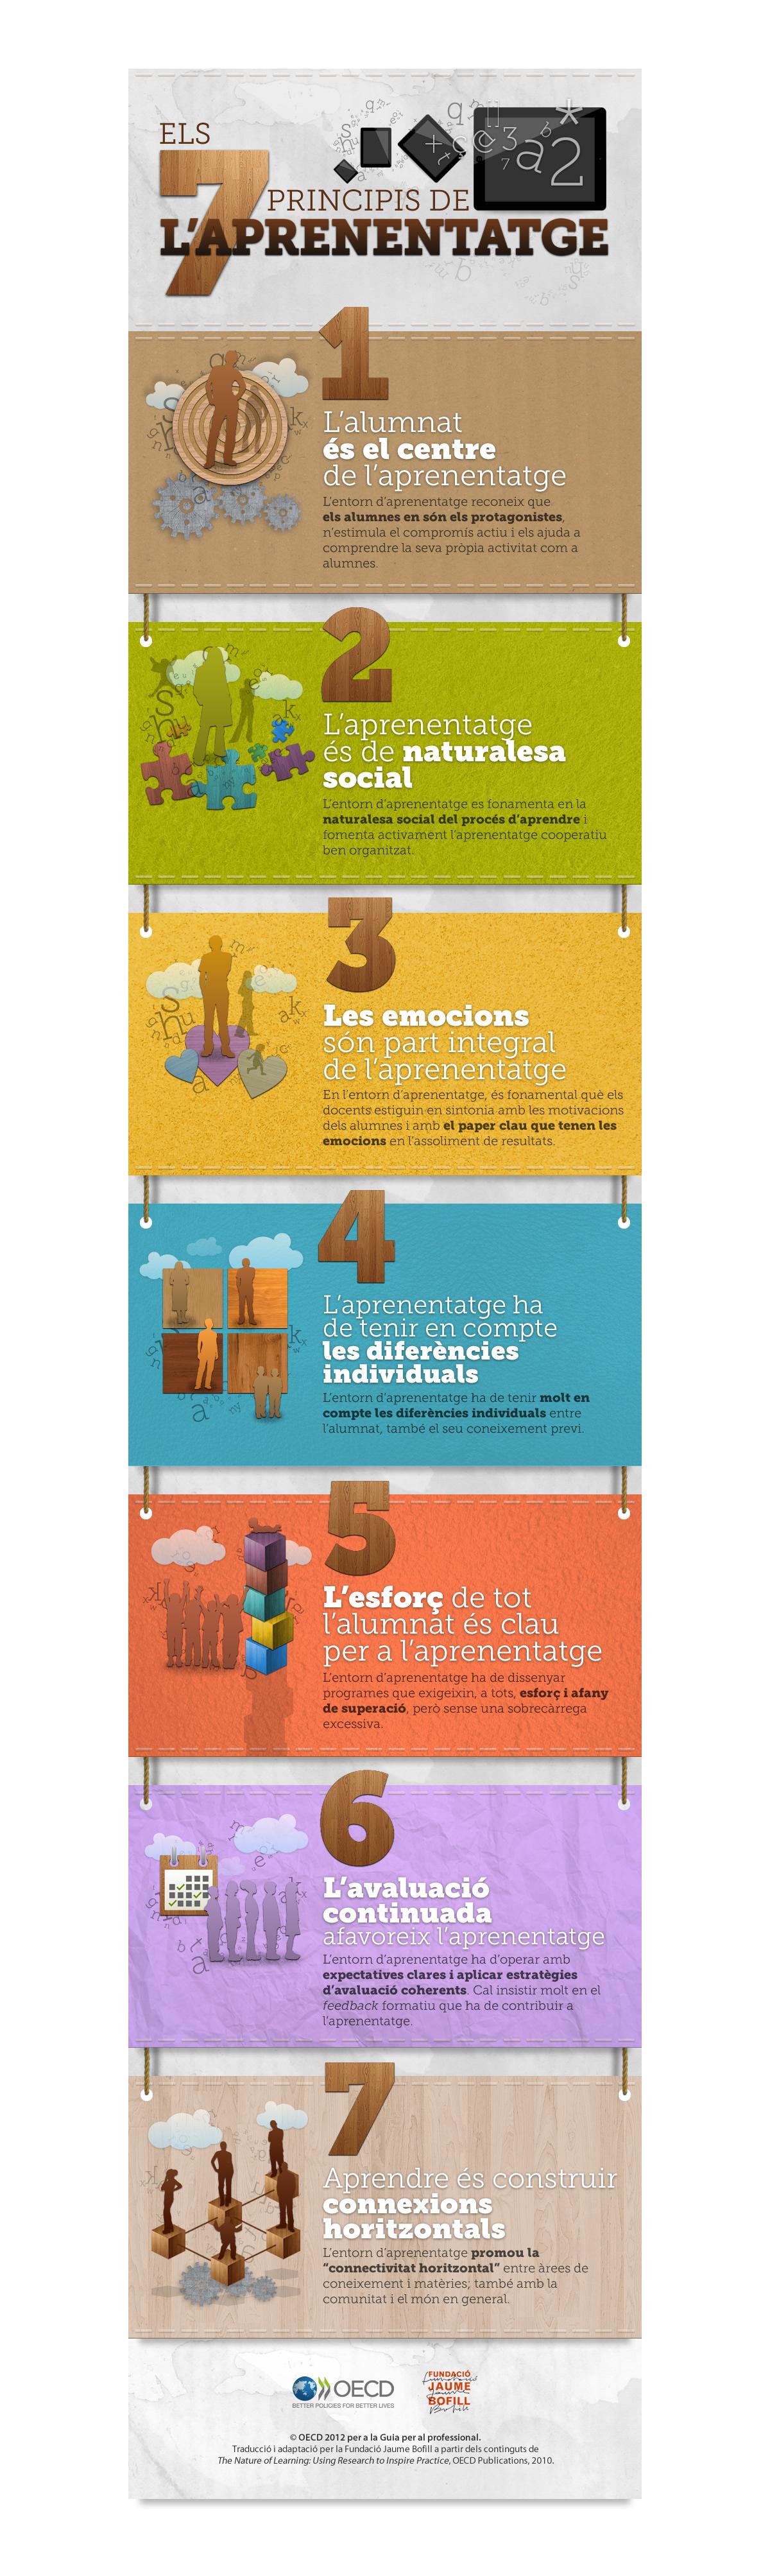 ile_-els-7-principis-de-l-aprenantatge.jpg